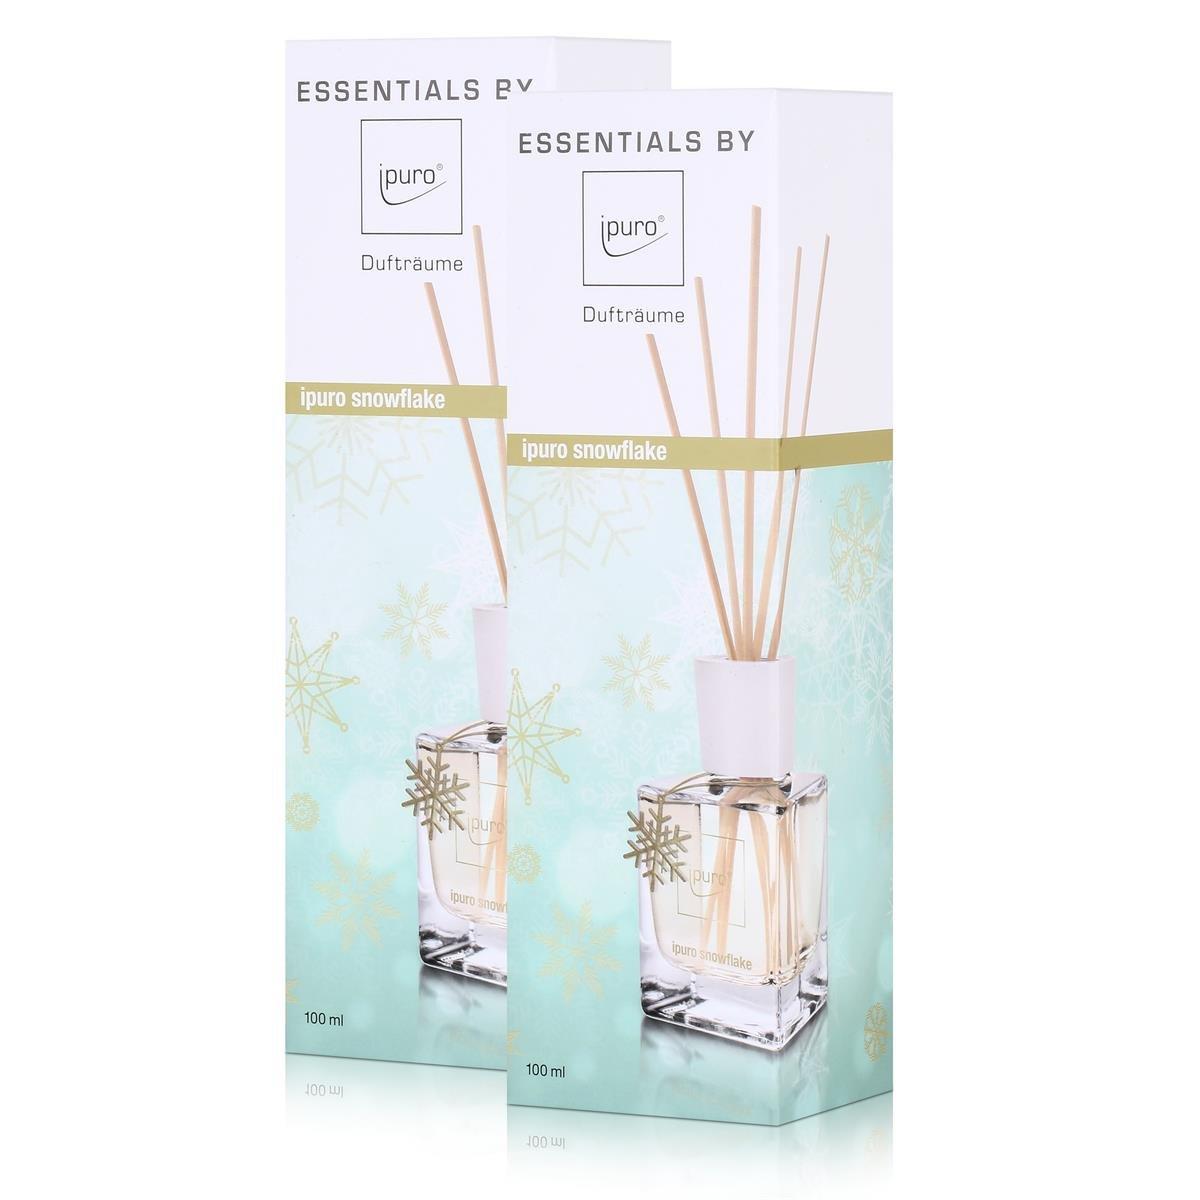 Essentials by Ipuro Snowflake 100 ml Ambientador - Aroma Salas (2 unidades): Amazon.es: Hogar